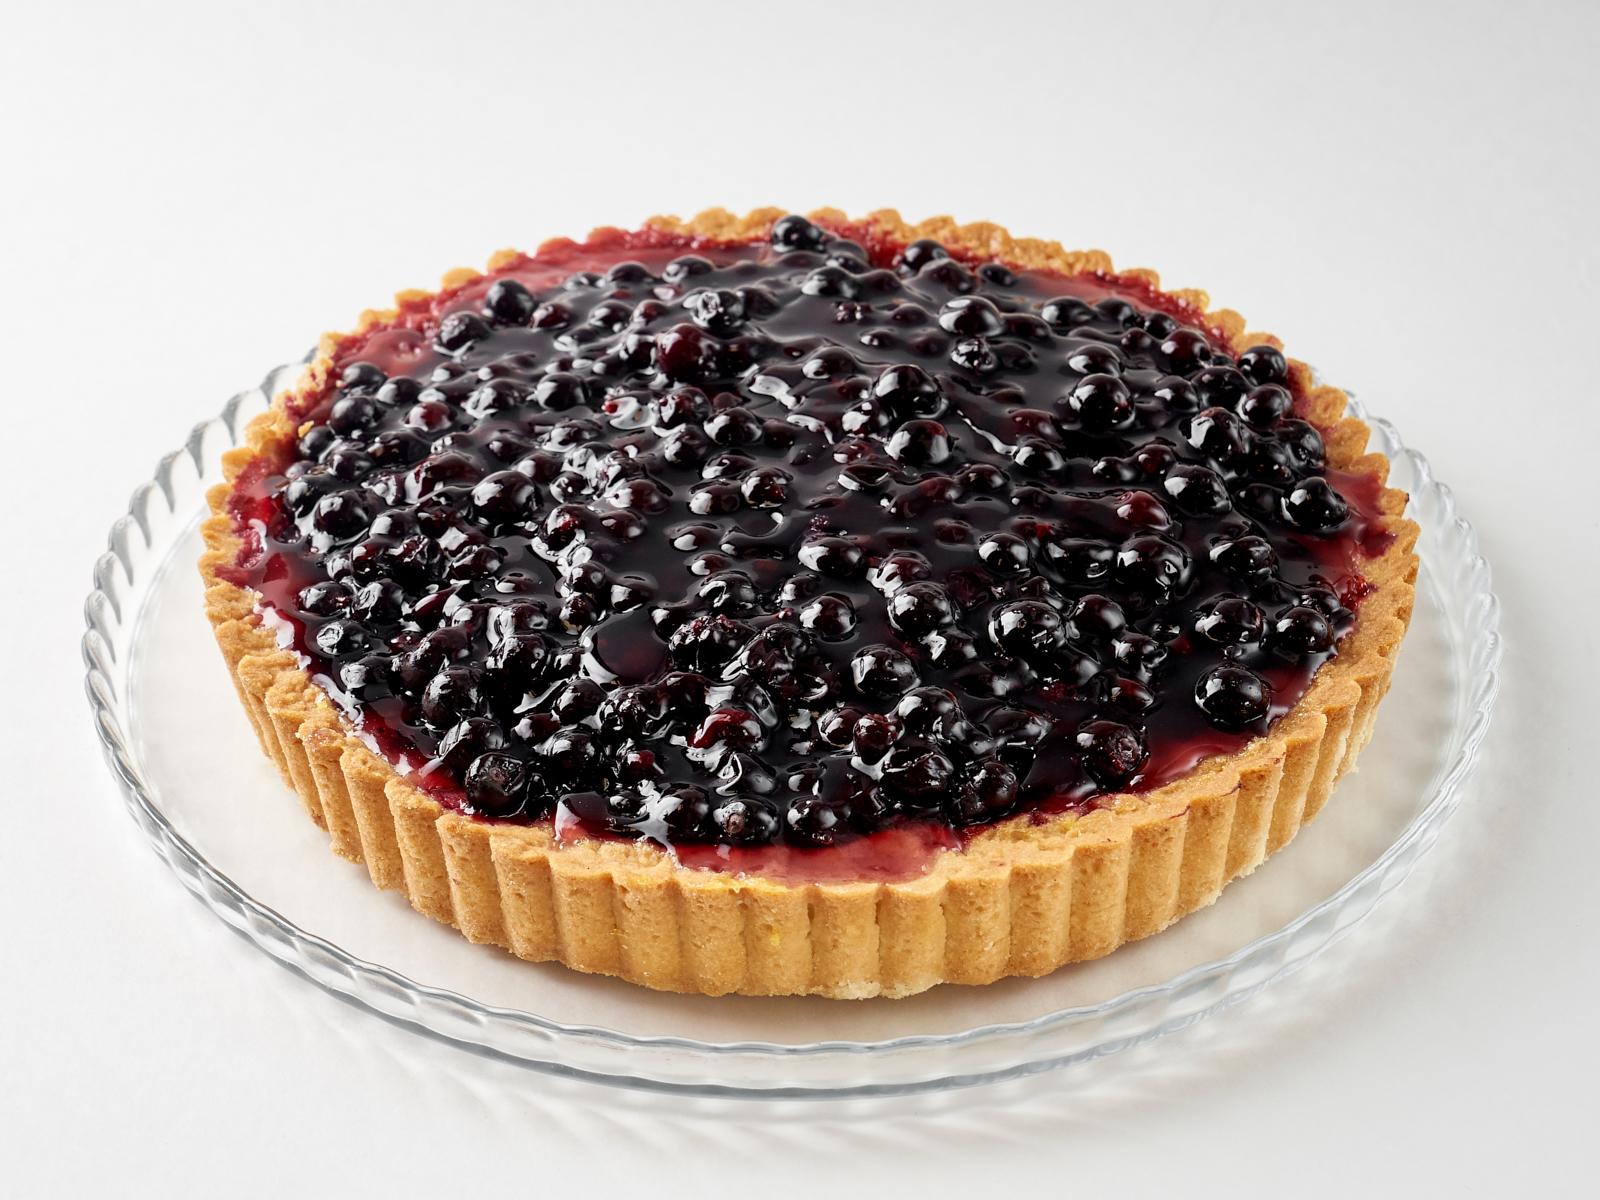 Пирог открытый с чёрной смородиной кусок